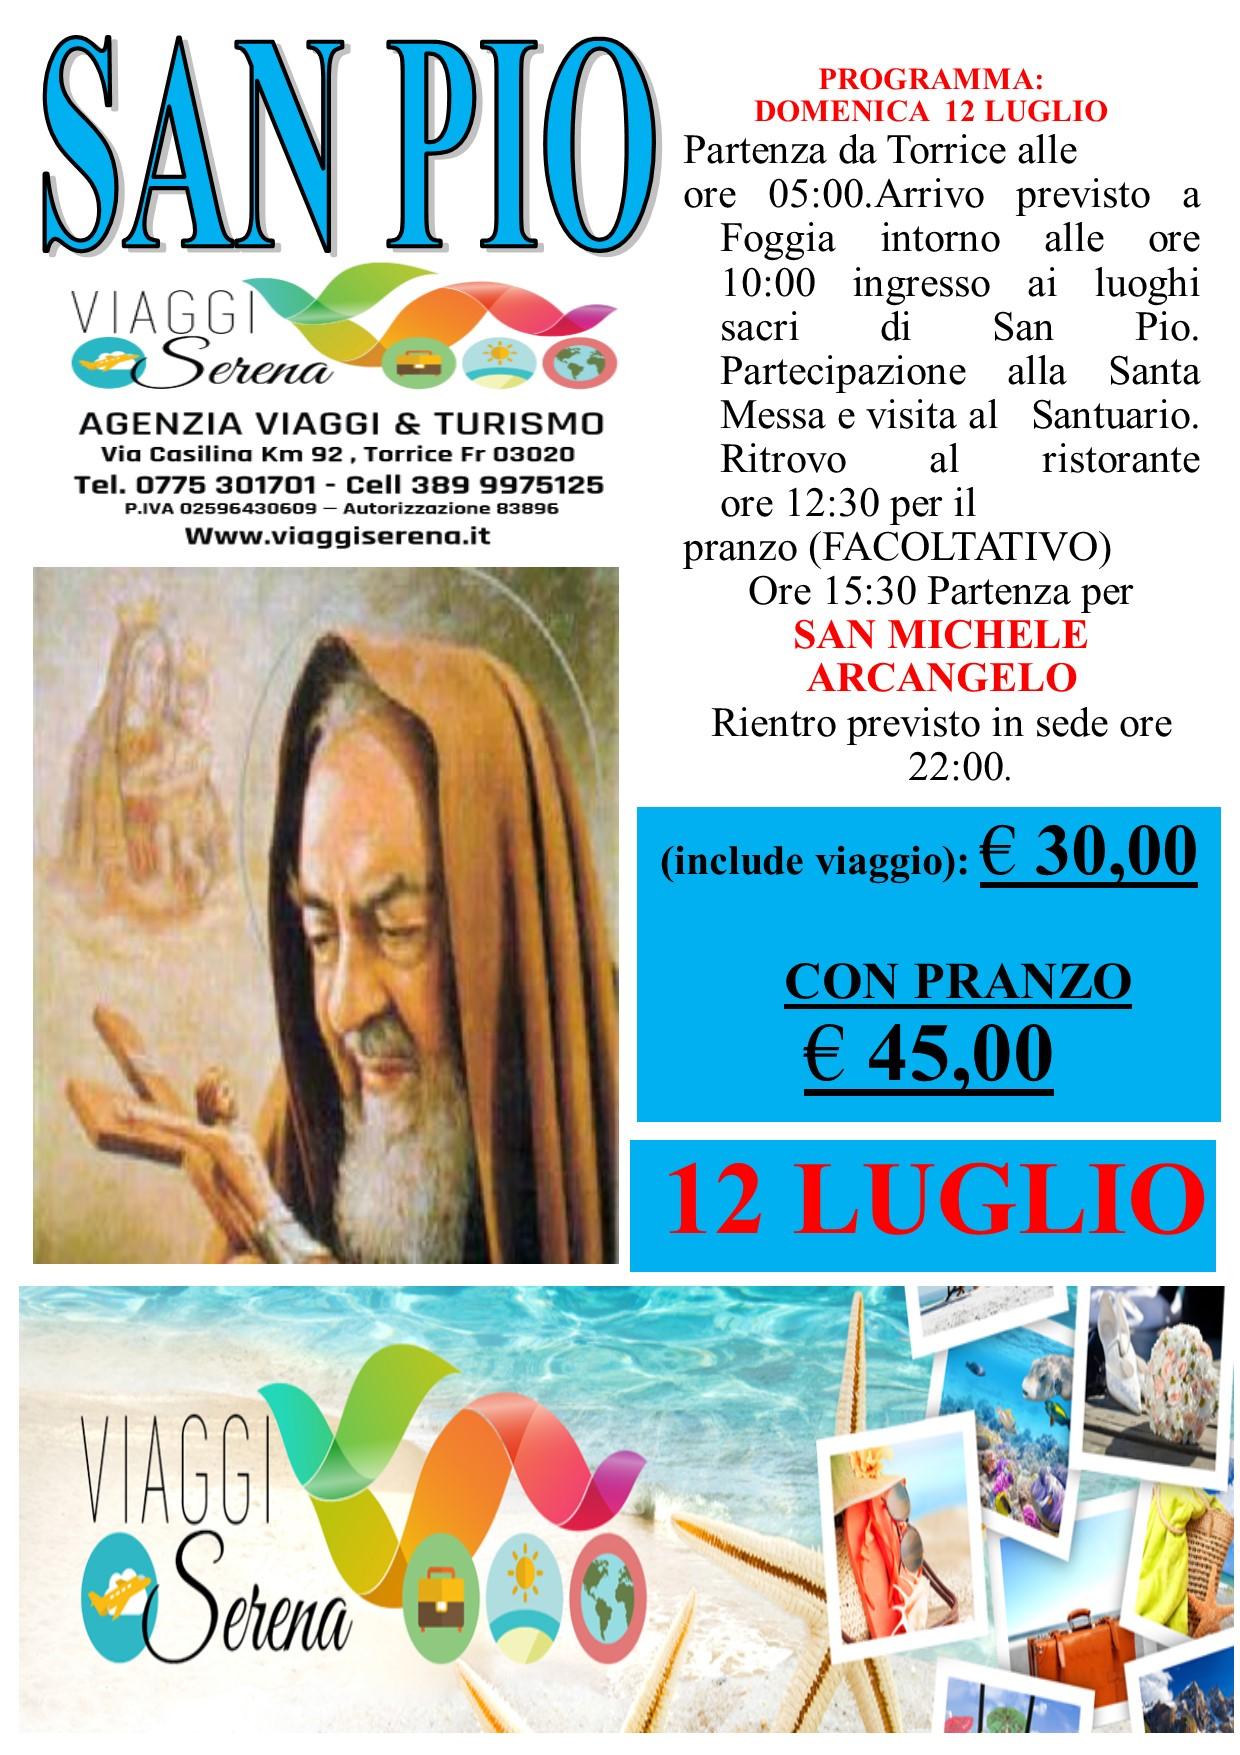 Viaggi di Gruppo: Pellegrinaggio SAN PIO & San Michele Arcangelo 12 Luglio €30,00